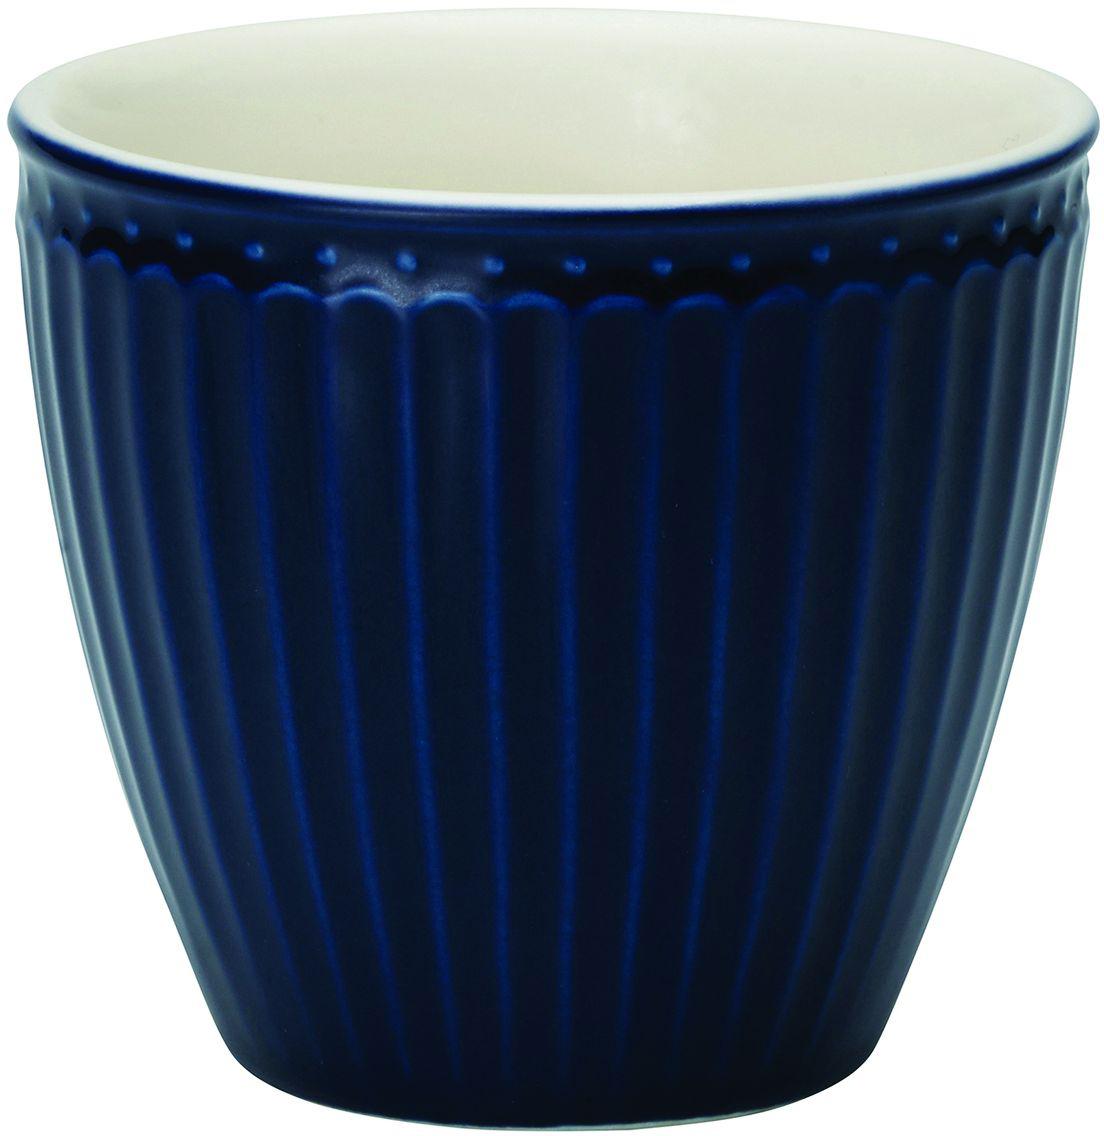 Стакан Alice, цвет: темно-синий, 300 млSTWLATAALI2206Фарфоровые стаканы, чашки для латте Alice dark blue – фаворит посудных каталогов GreenGate – прекрасно подходят как для горячих напитков - чая, кофе или какао – так и для холодных. Ягоды, мороженое, утренние сухие завтраки с молоком и йогуртом также можно сервировать в стаканах. Отсутствие классической ручки у чашки отнюдь не помеха, а даже преимущество, позволяющее пополнять коллекцию новыми моделями почти без ущерба пространству кухонных шкафов, ведь они прекрасно помещаются один в другом даже на самых миниатюрных кухнях. Базовая коллекция Alice создана для идеального сочетания посуды ранних и будущих коллекций Greengate. Впервые появилась в каталогах в 2016 году и с тех пор завоевала миллионы сердец своей универсальностью, насыщенными цветами и разнообразием посудной линейки. Alice dark blue – настоящая находка для тех, кто хочет освежить сервировку, придать ей благородные нотки классическим и глубоким синим цветом.